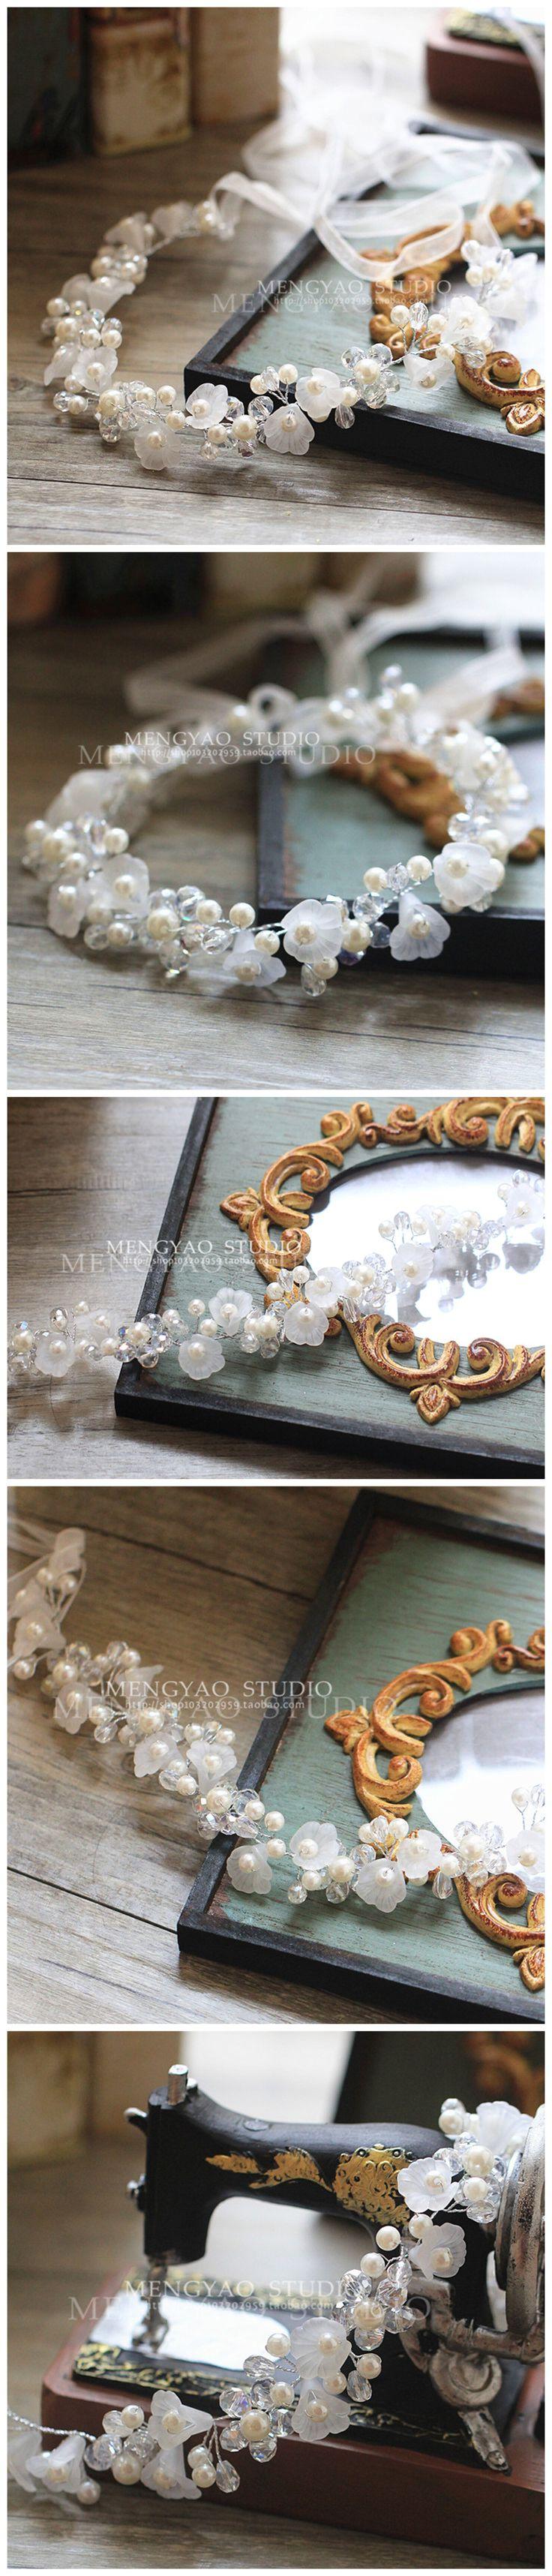 Невеста ручной работы кристалл жемчужина цветок волосы группа свадьба укладки волос аксессуары для волос корейский свадьбы невеста с драгоценностями - Taobao